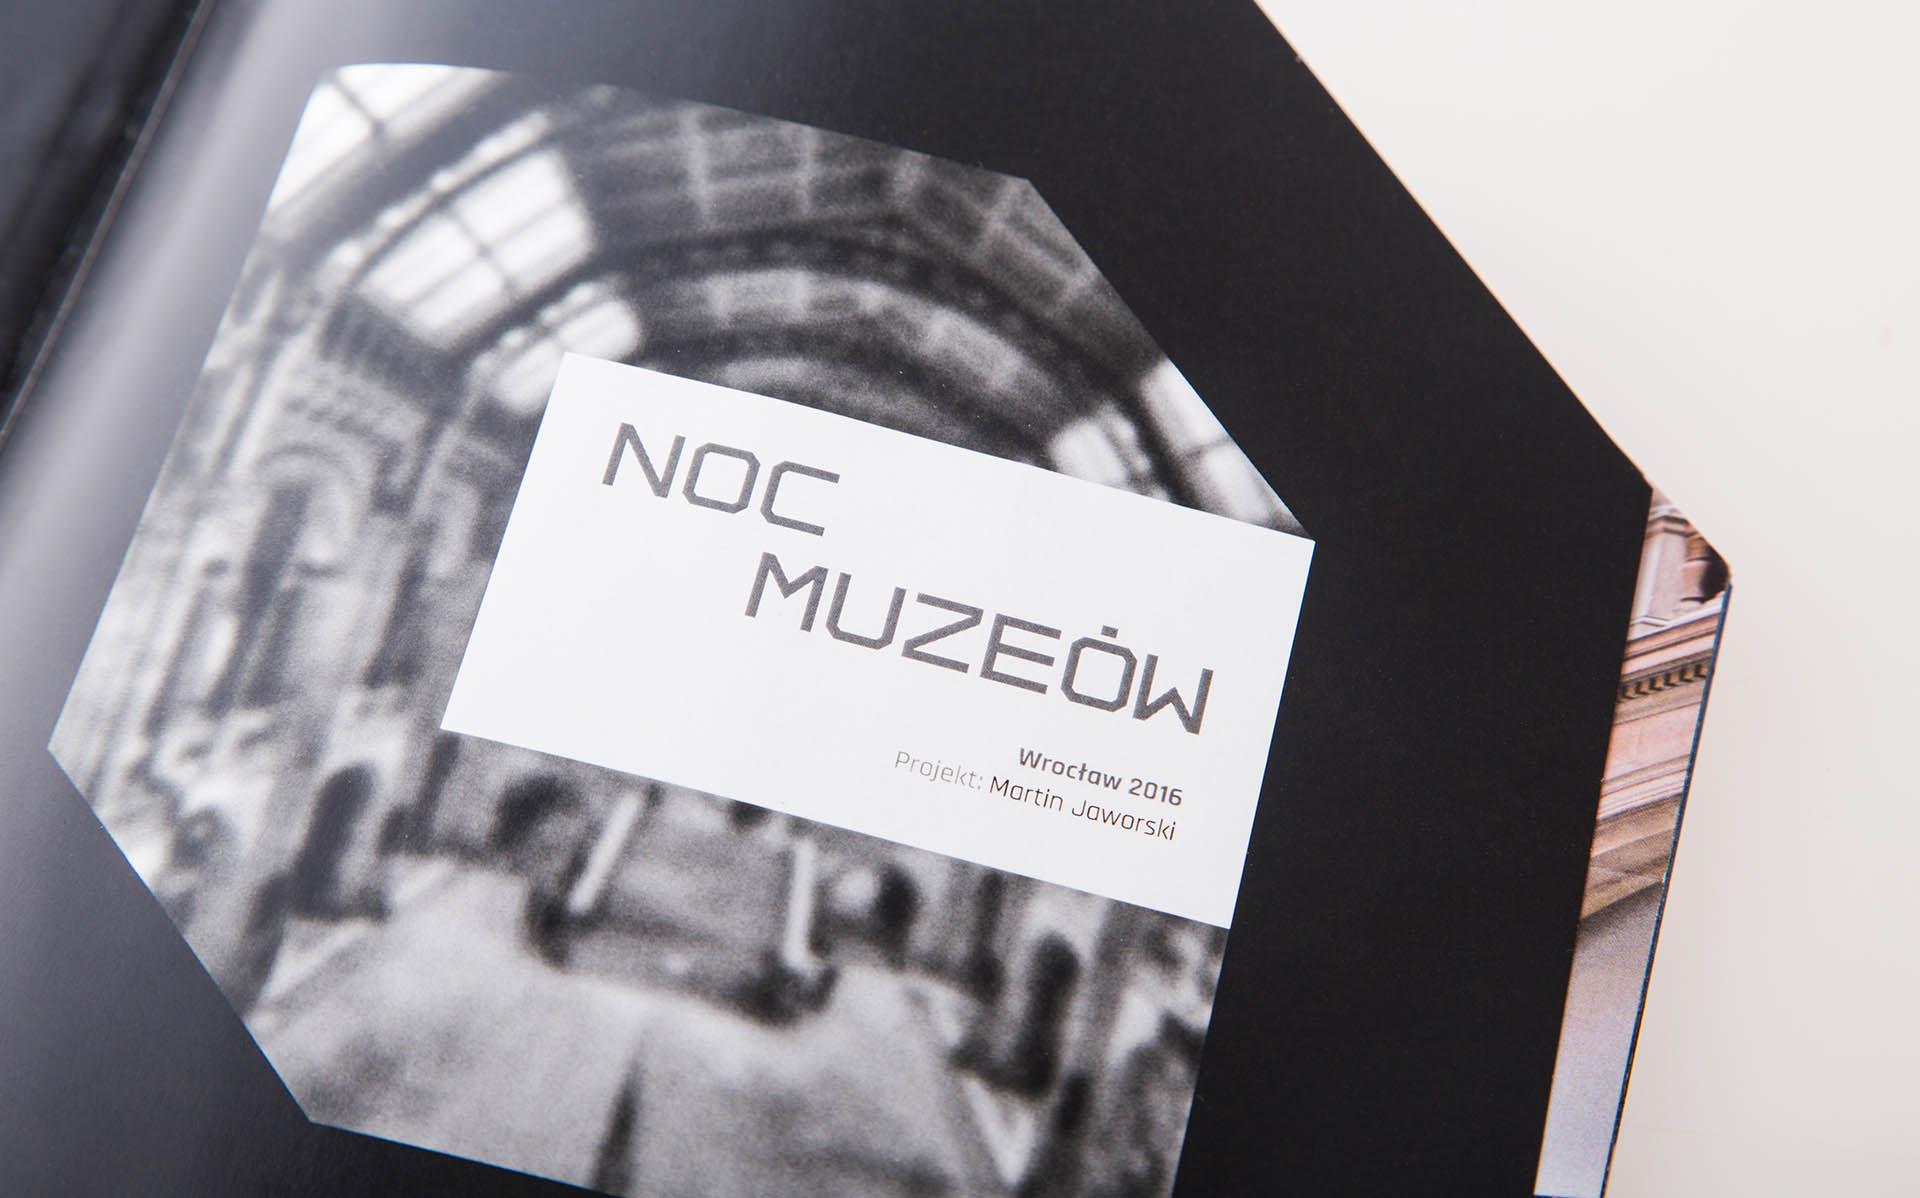 Noc muzeów – katalog wydarzenia kulturalnego.